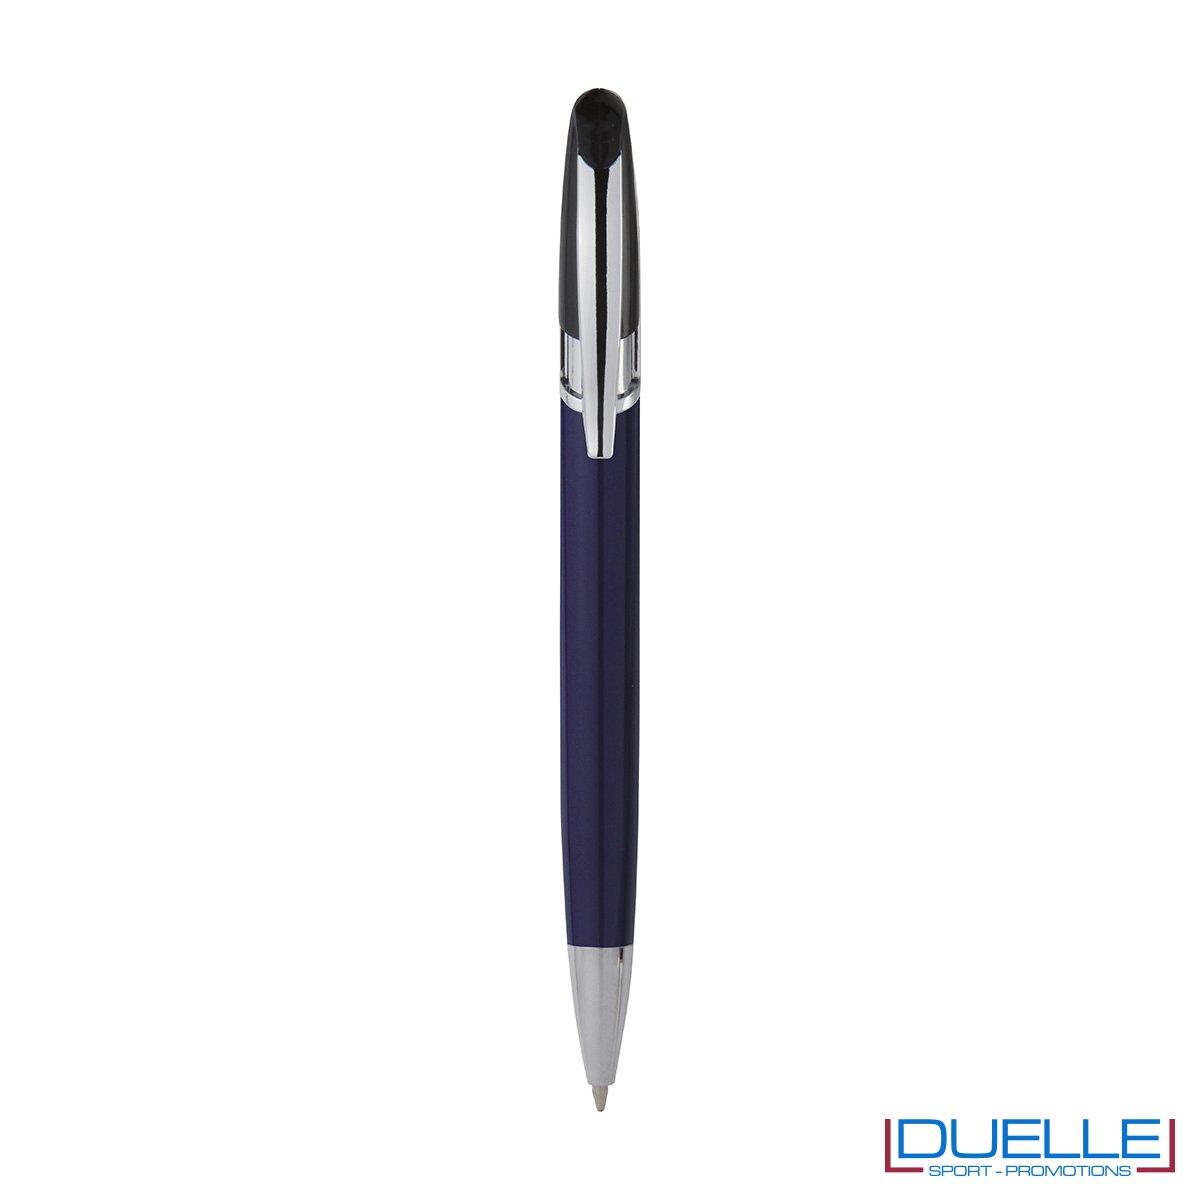 Penna personalizzata a sfera clip in metallo colore blu navy